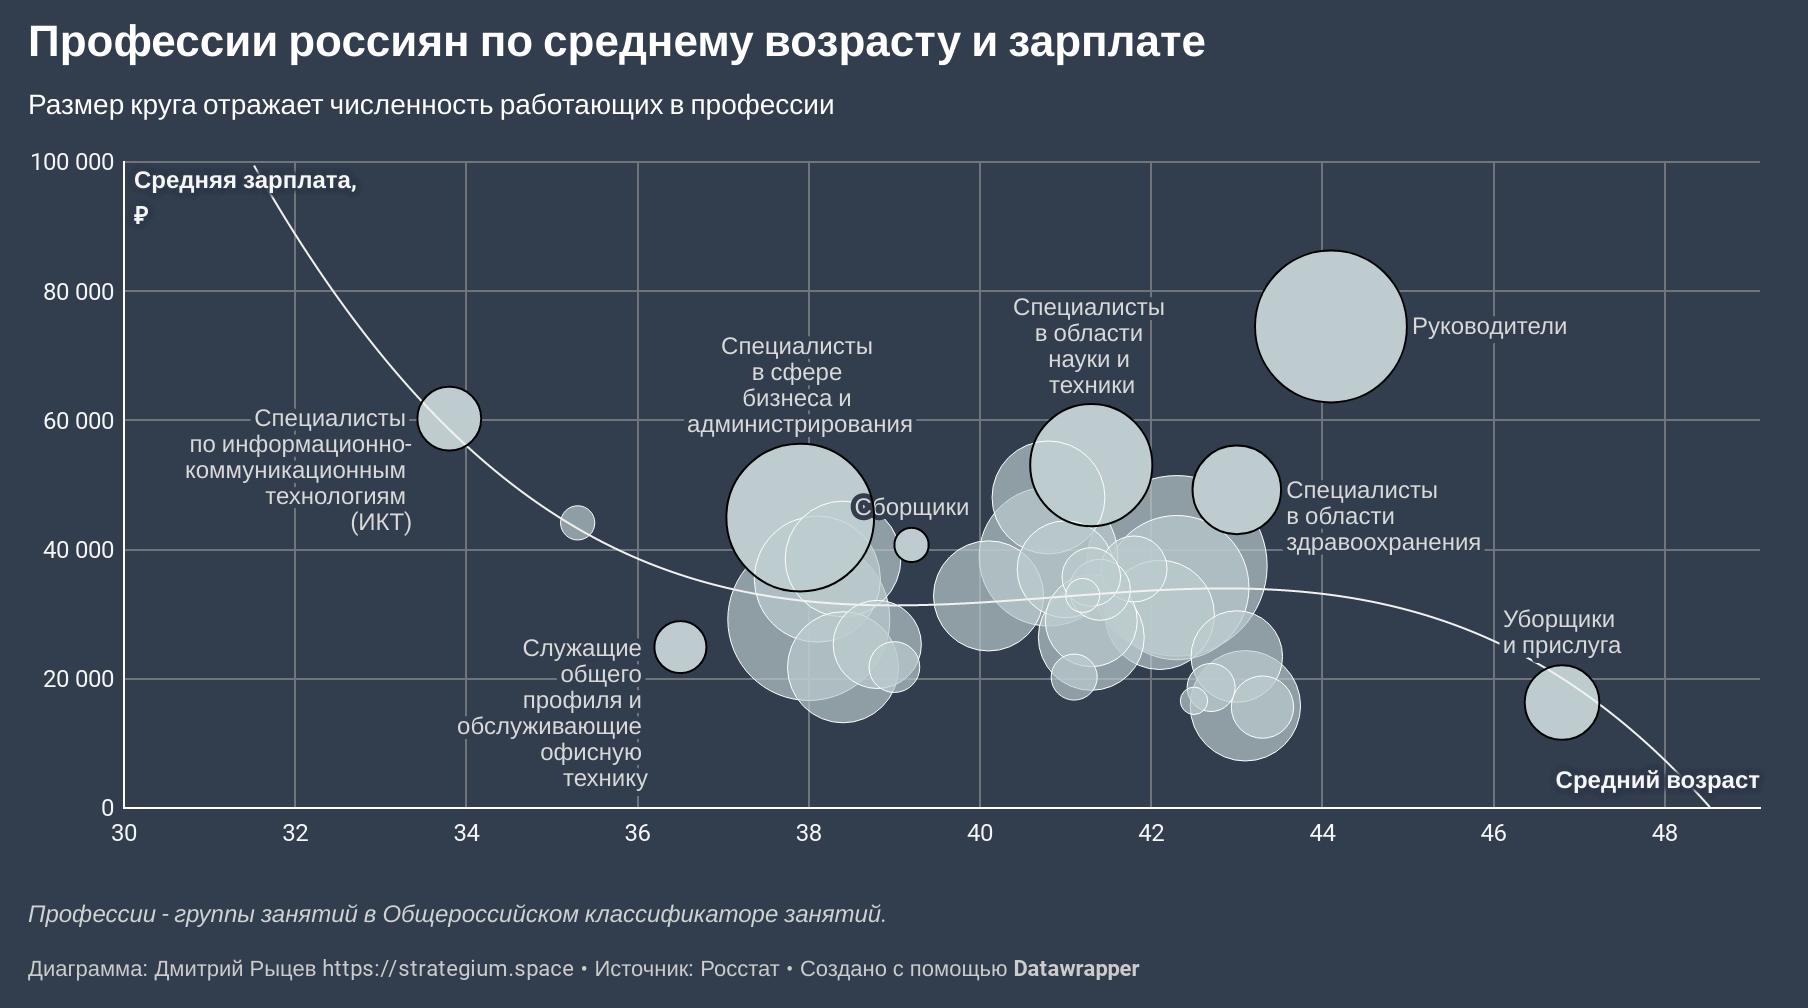 карьерный рост и Профессии россиян по возрасту, доходам и количеству работников